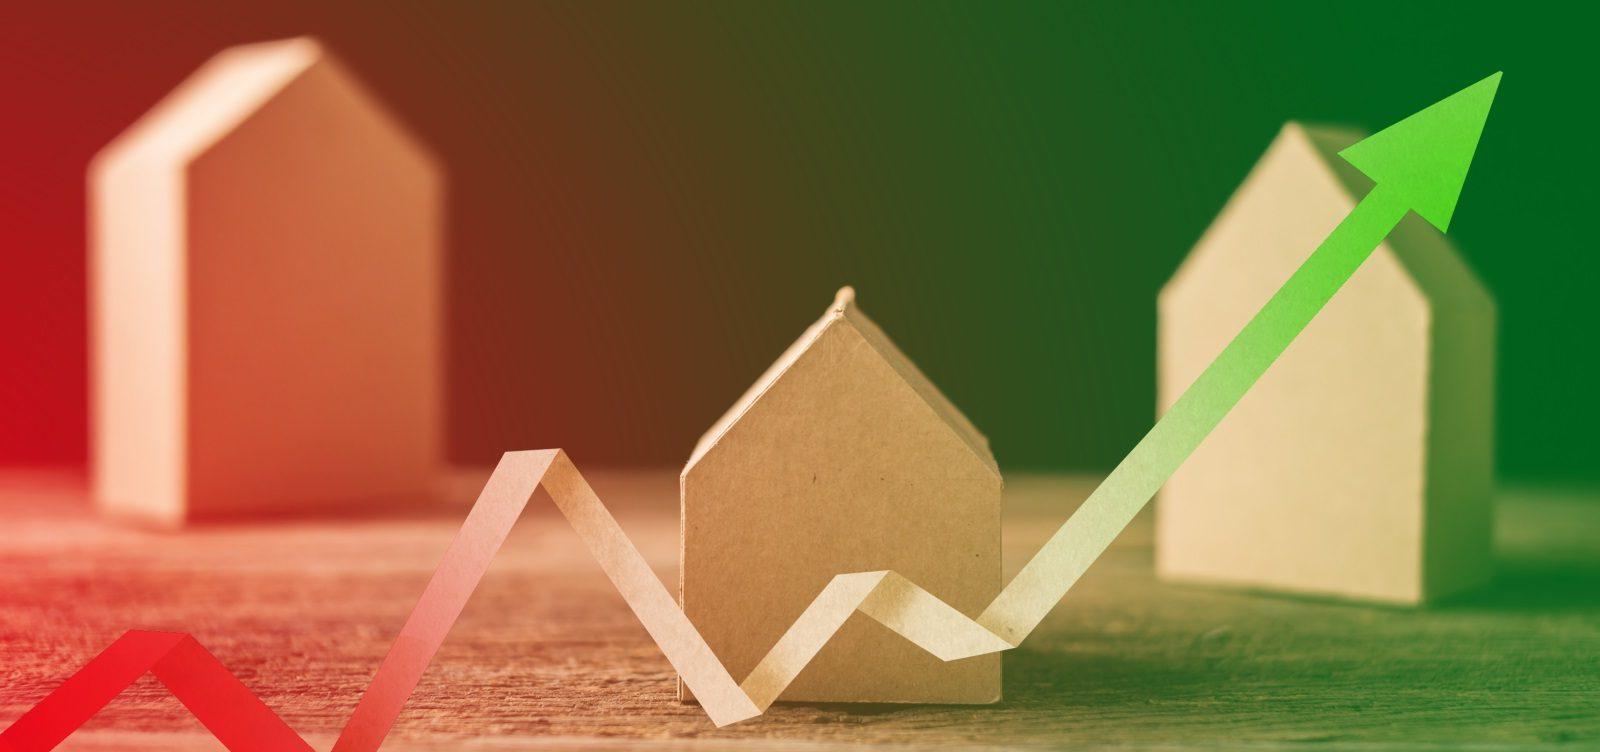 Prêt hypothécaire pour refinancer son prêt hypothécaire